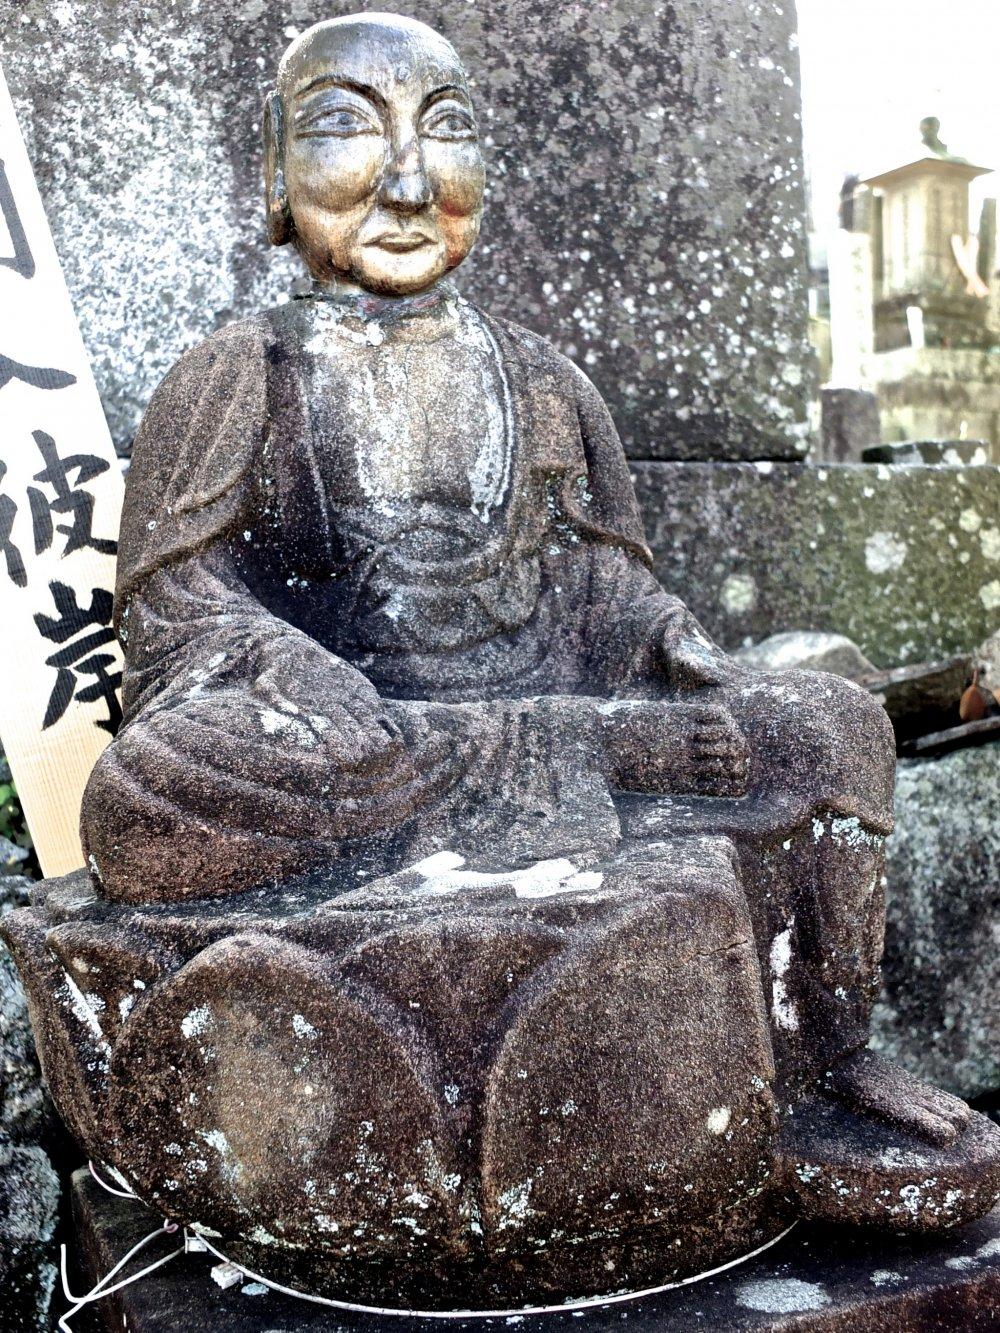 この坐像の佇まいと表情には、何か言葉にできない威厳がある